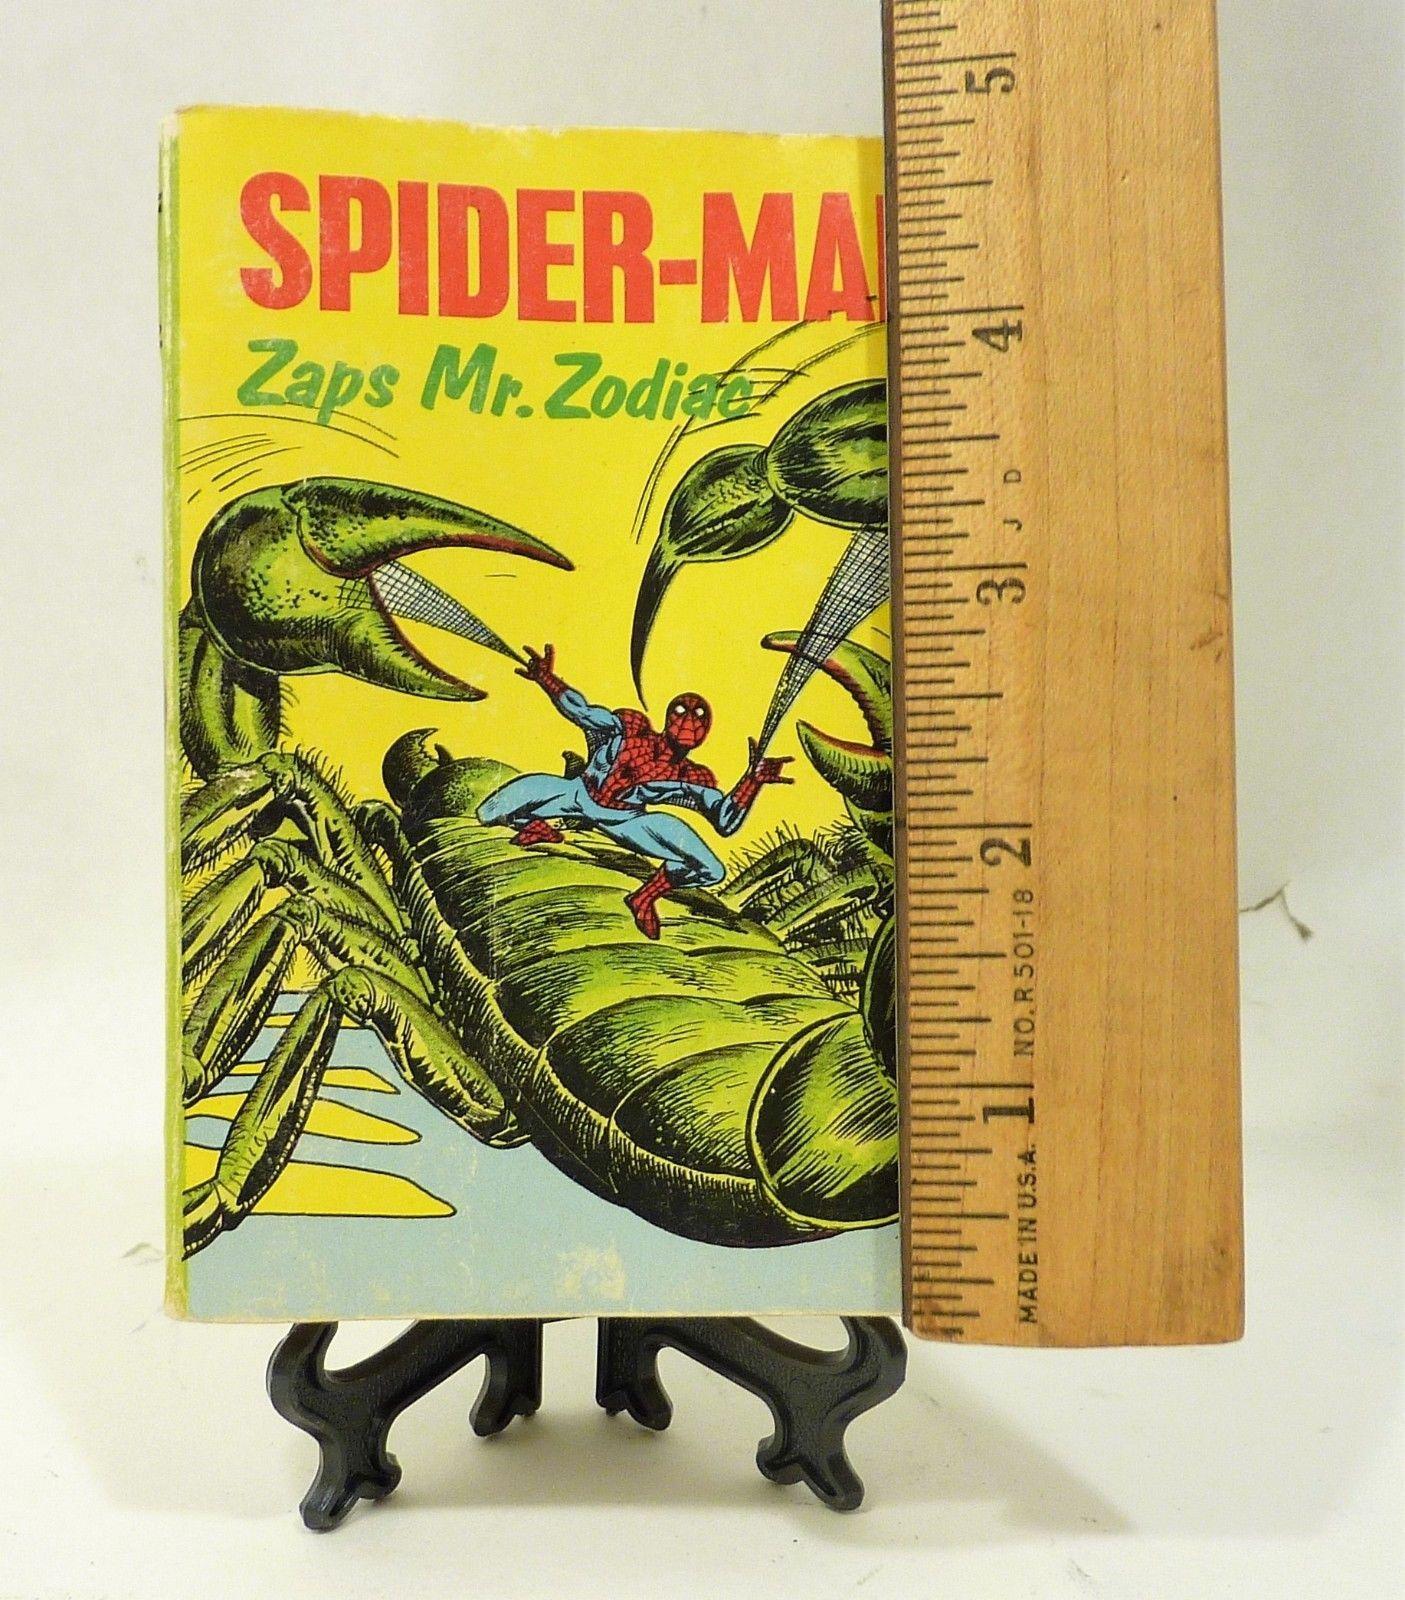 Big Little Books Whitman Spider Man Zaps Mr. Zodiac